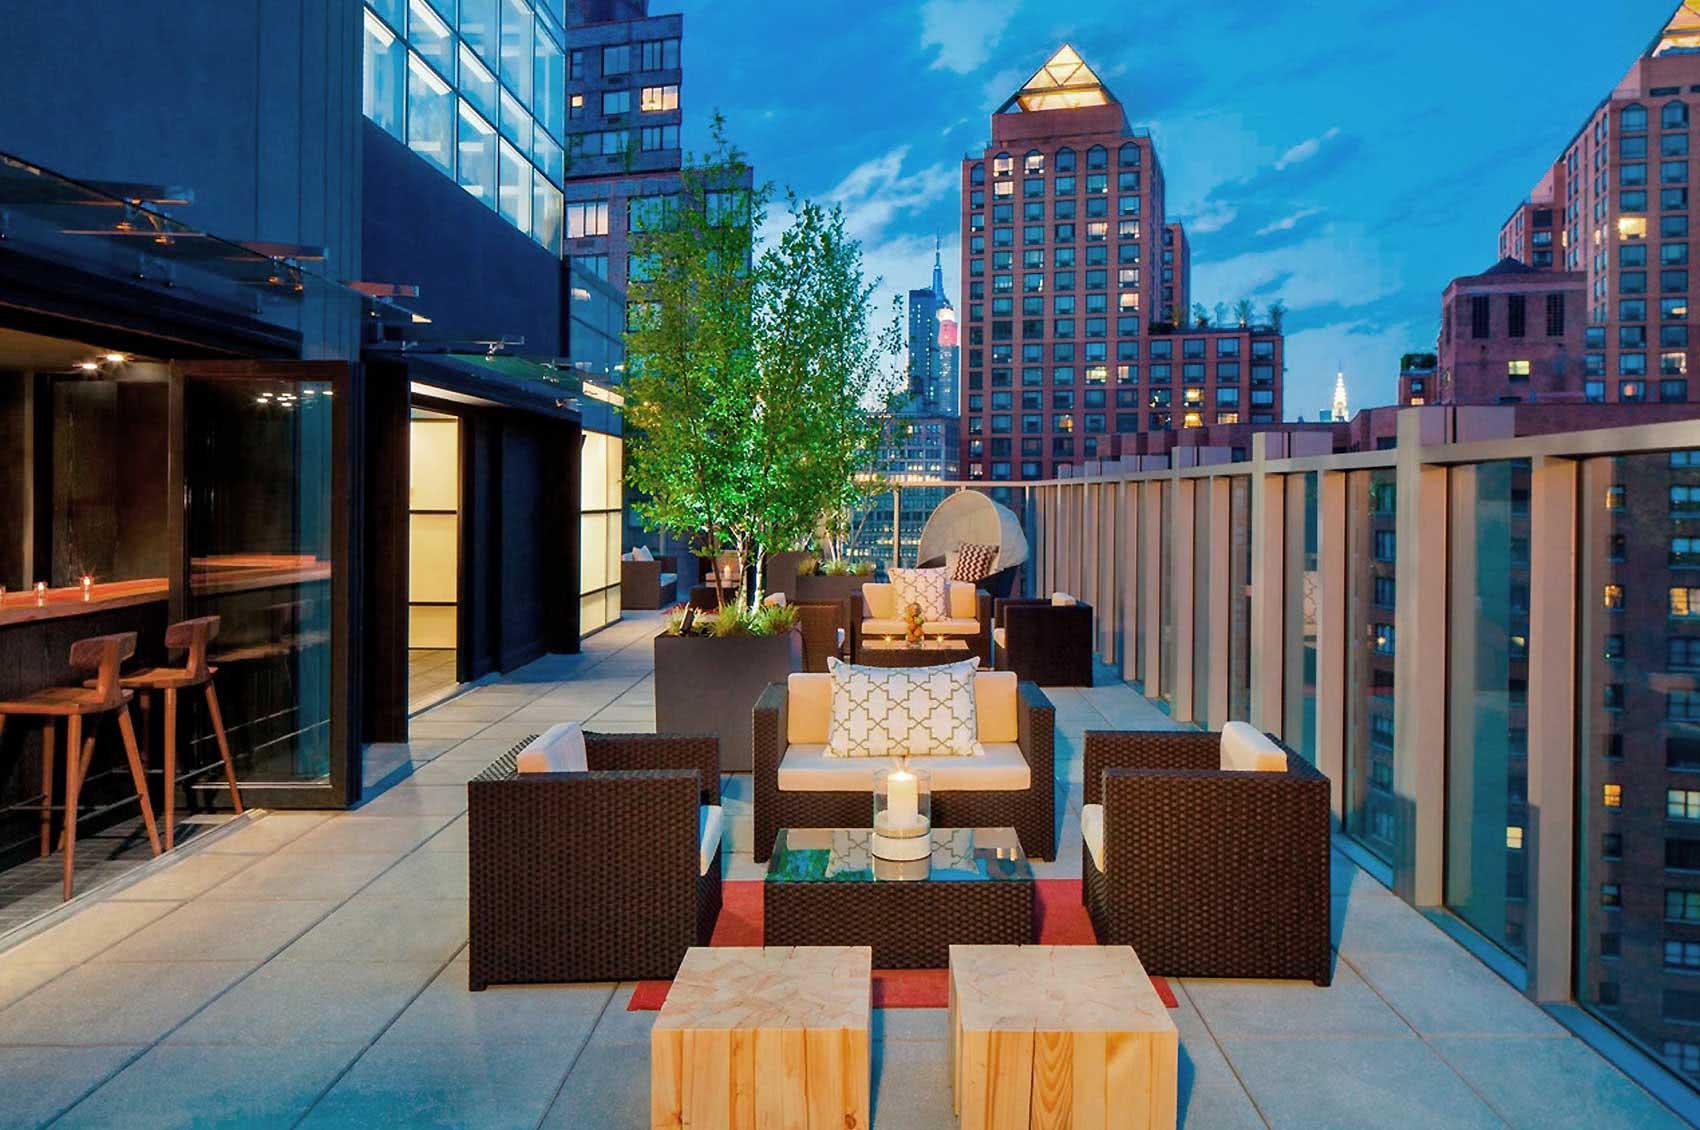 Hotéis em Nova York - Perto da Broadway